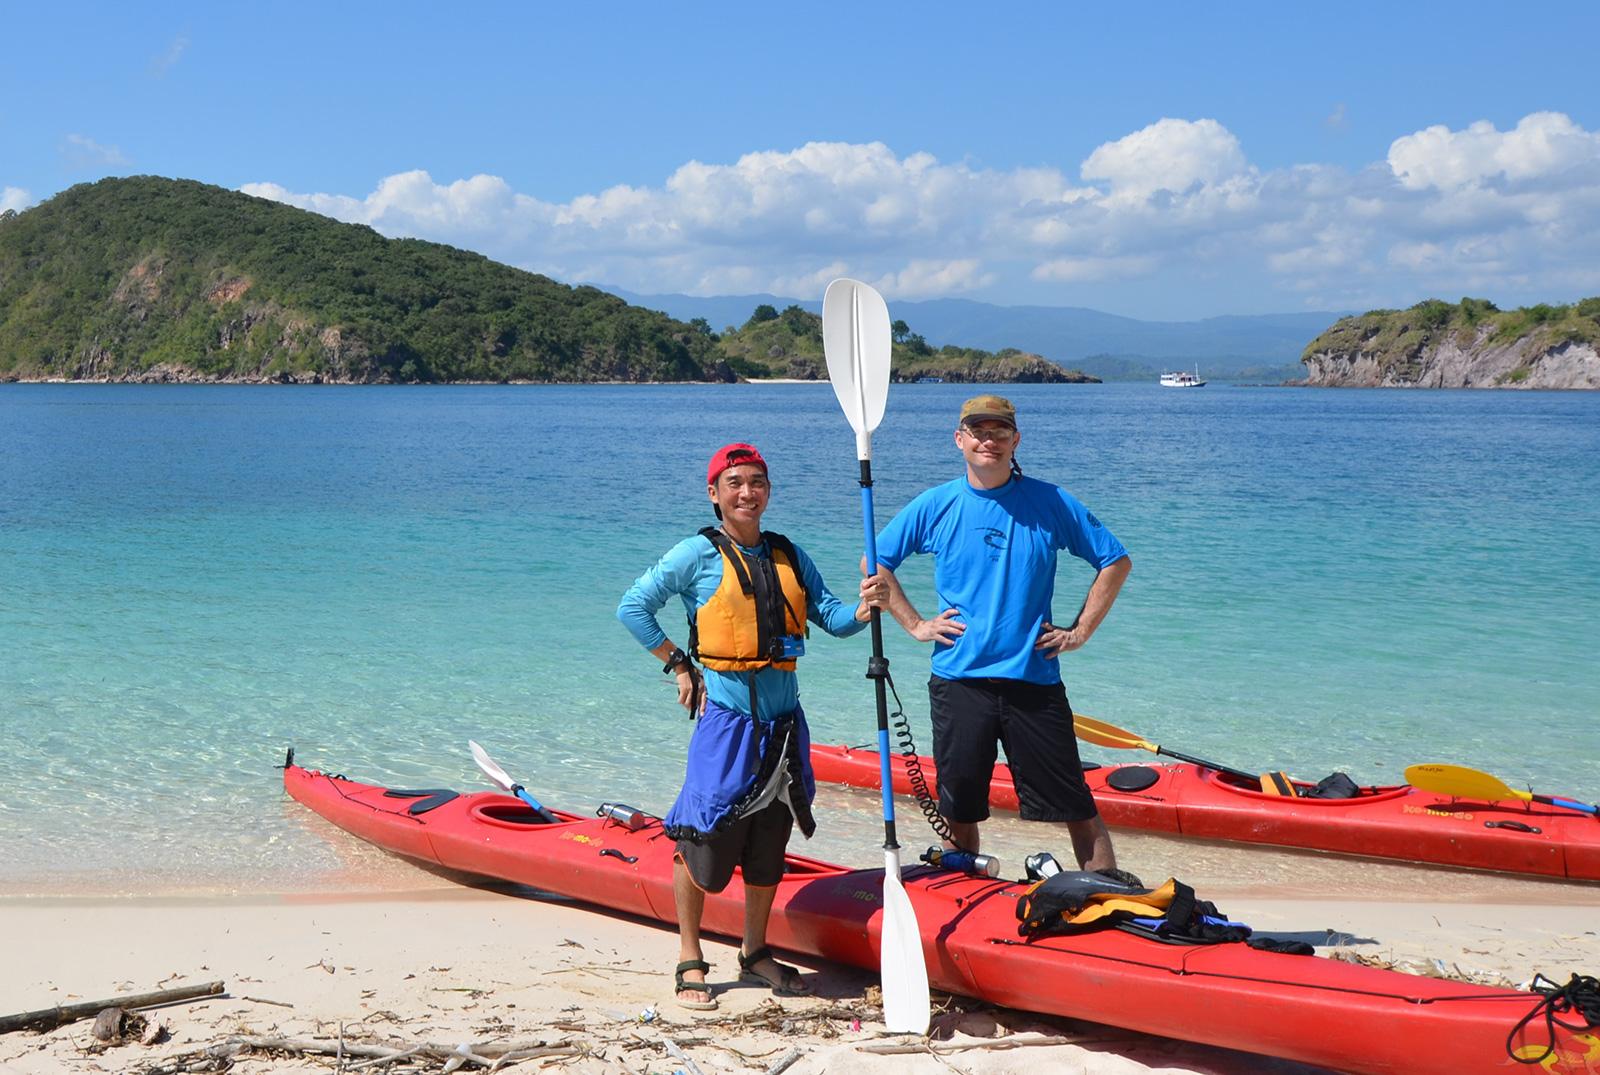 【コモド島】カヤックで島巡り、コモドドラゴン探し&インドネシアのマチュピチュで泊まる旅